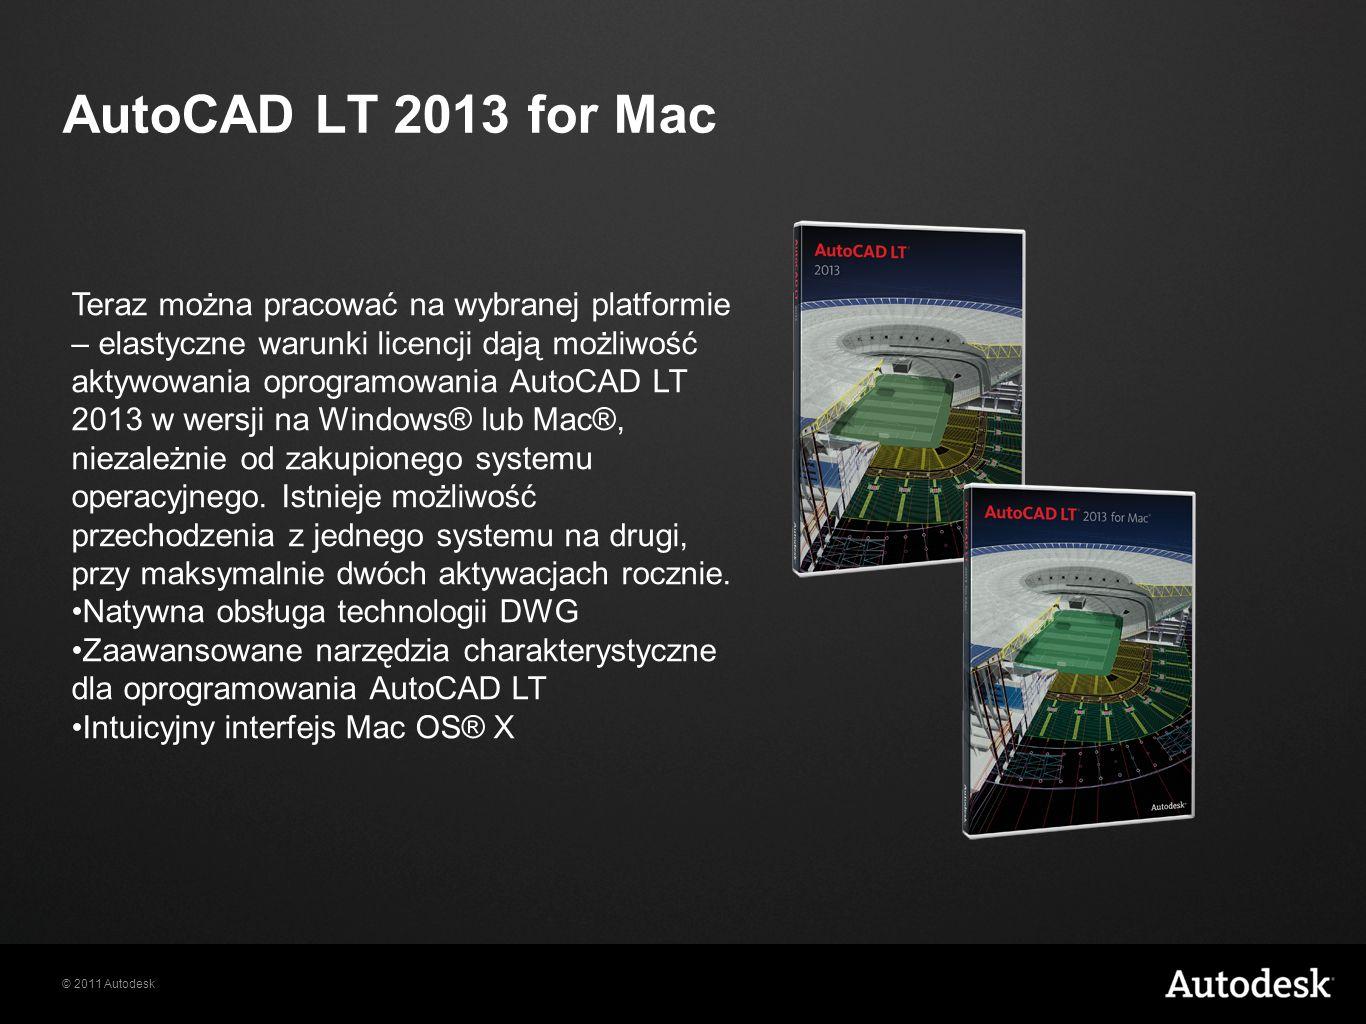 © 2011 Autodesk AutoCAD LT 2013 for Mac Teraz można pracować na wybranej platformie – elastyczne warunki licencji dają możliwość aktywowania oprogramowania AutoCAD LT 2013 w wersji na Windows® lub Mac®, niezależnie od zakupionego systemu operacyjnego.